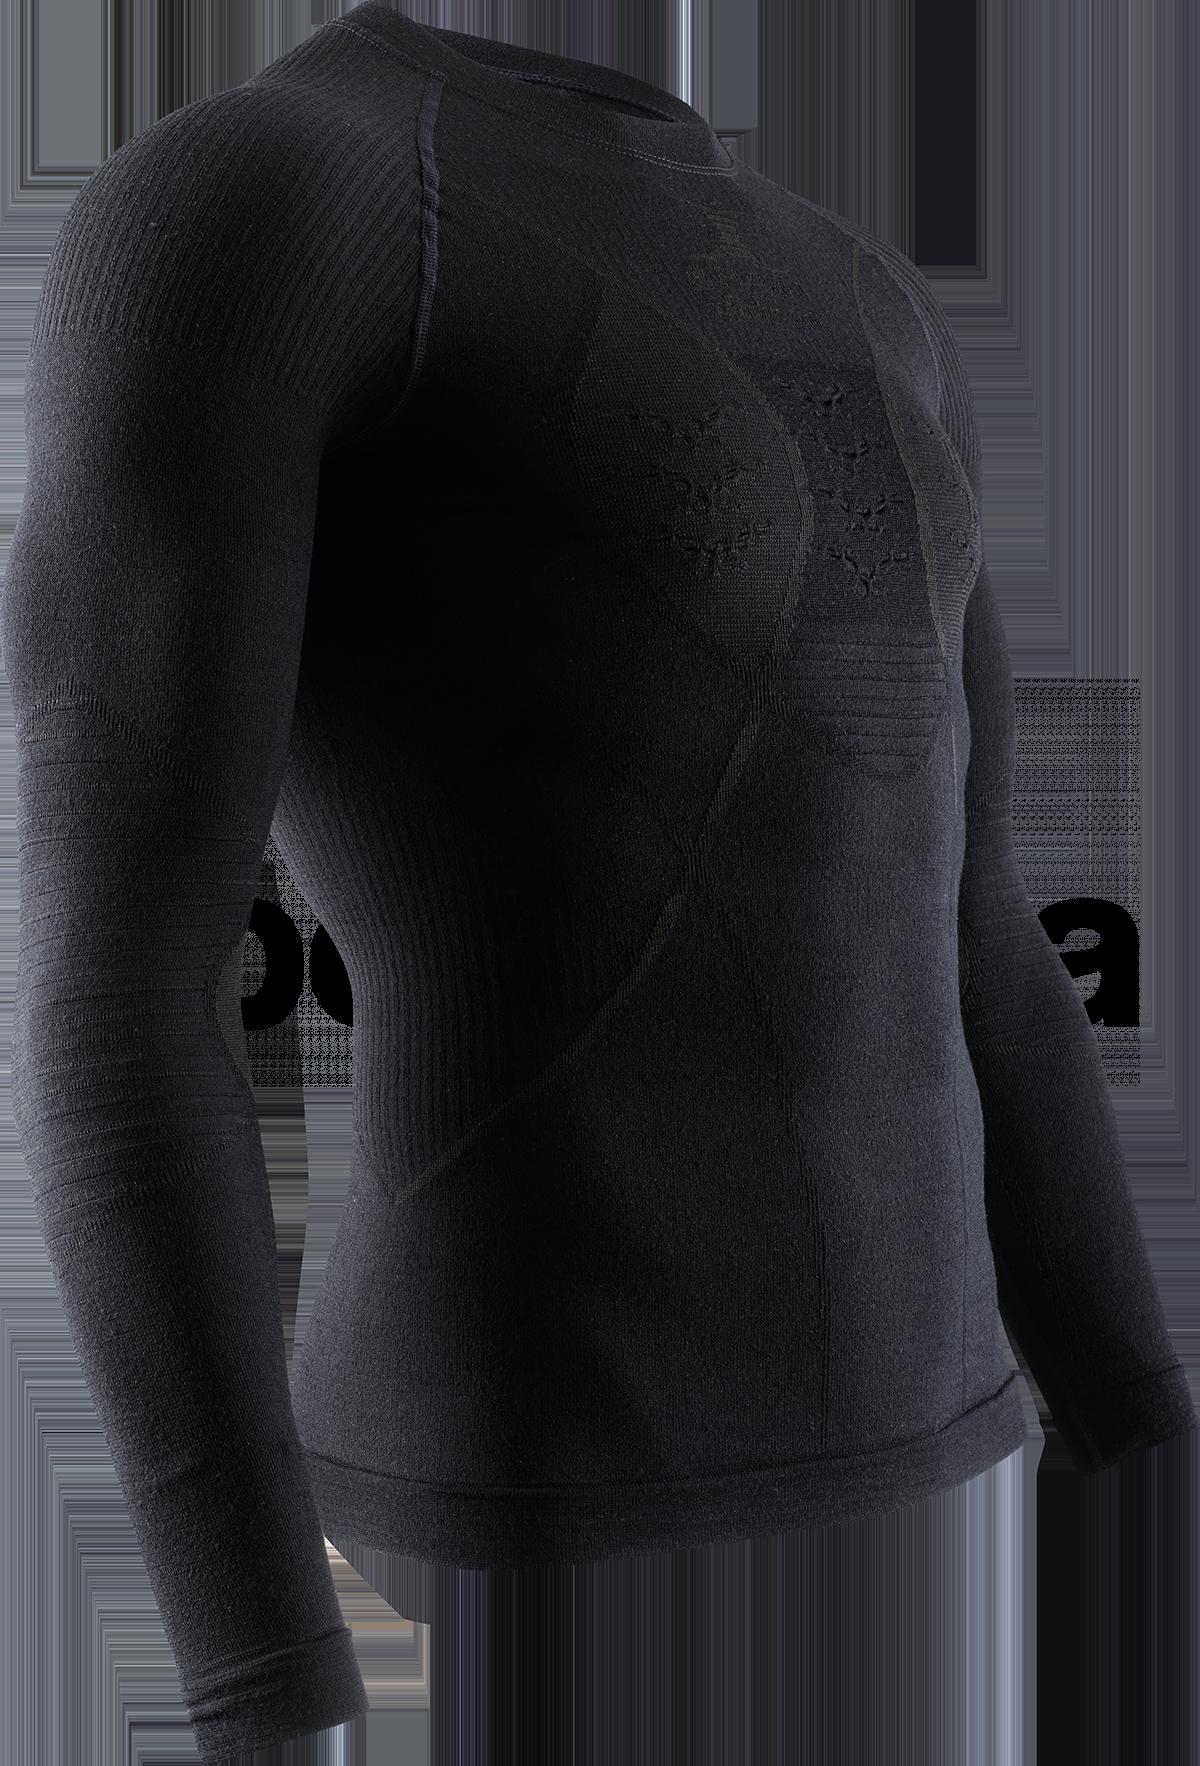 X-Bionic Apani 4.0 Merino Shirt Round Neck LG SL M